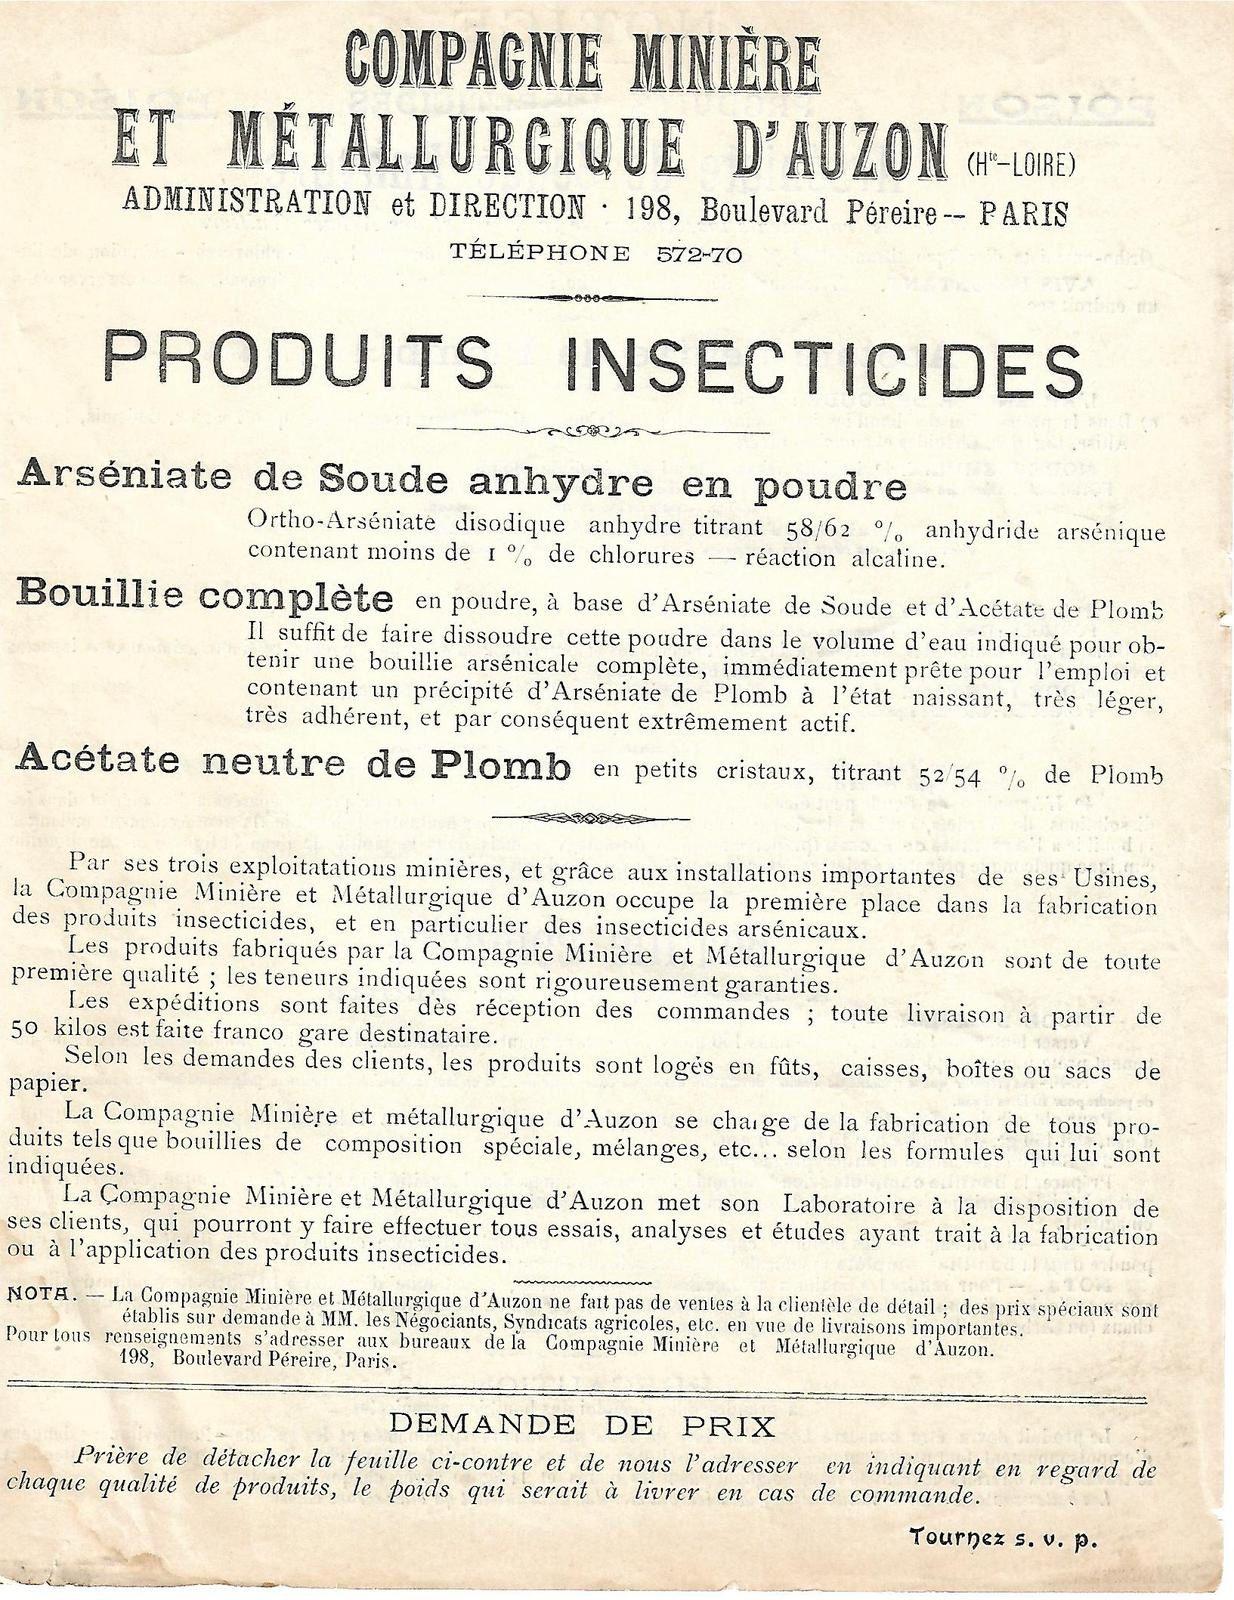 Auvergne industrielle d'autrefois:Usine d'arsenic à Auzon(43)